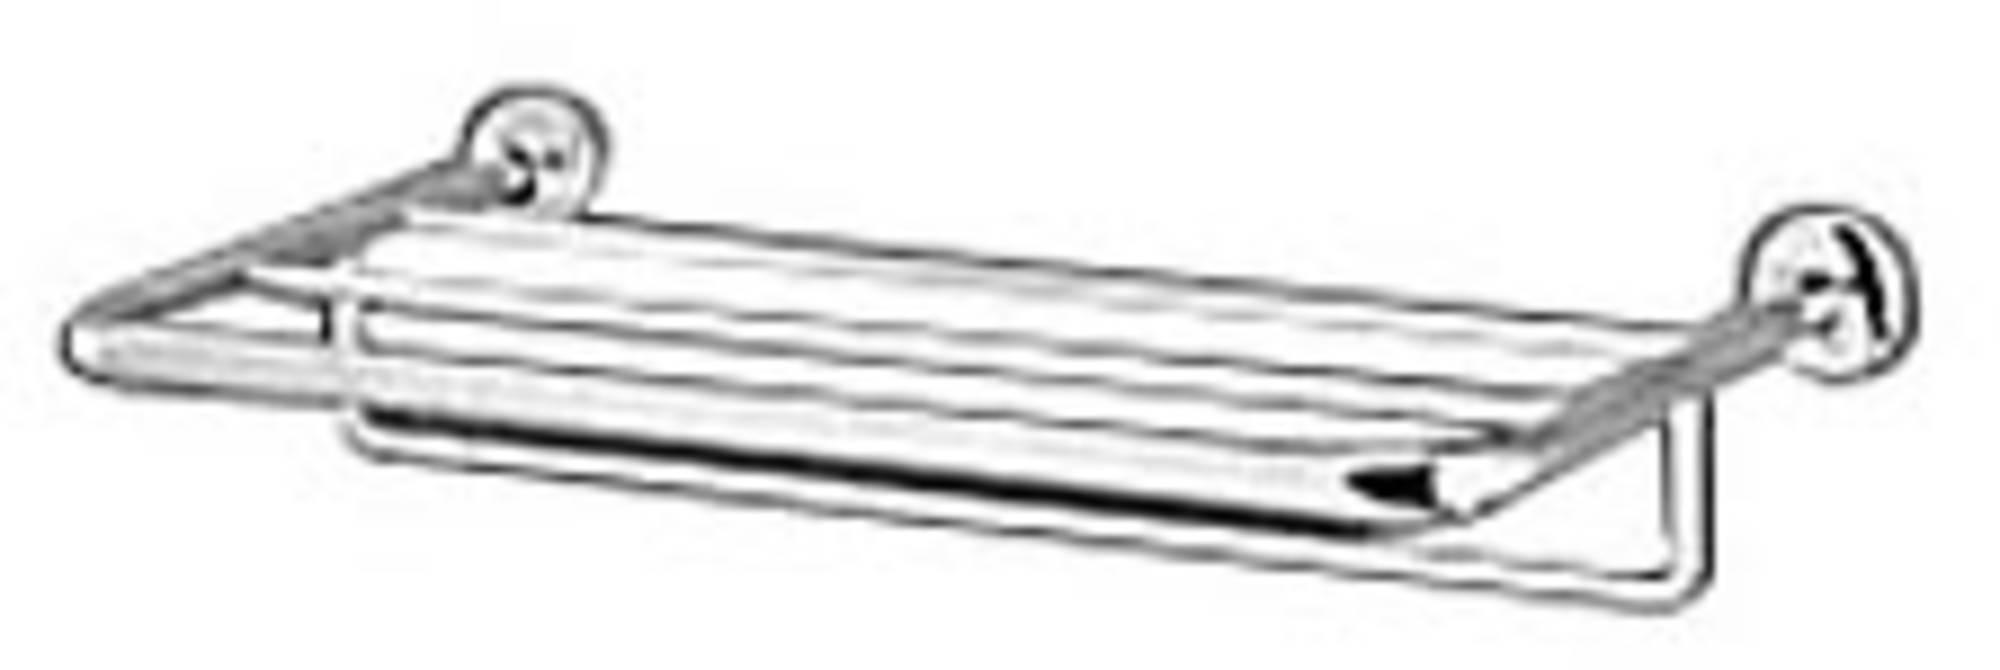 Geesa Serie 5000 handoekplateau 60x25 cm, met handdoekhouder, chroom